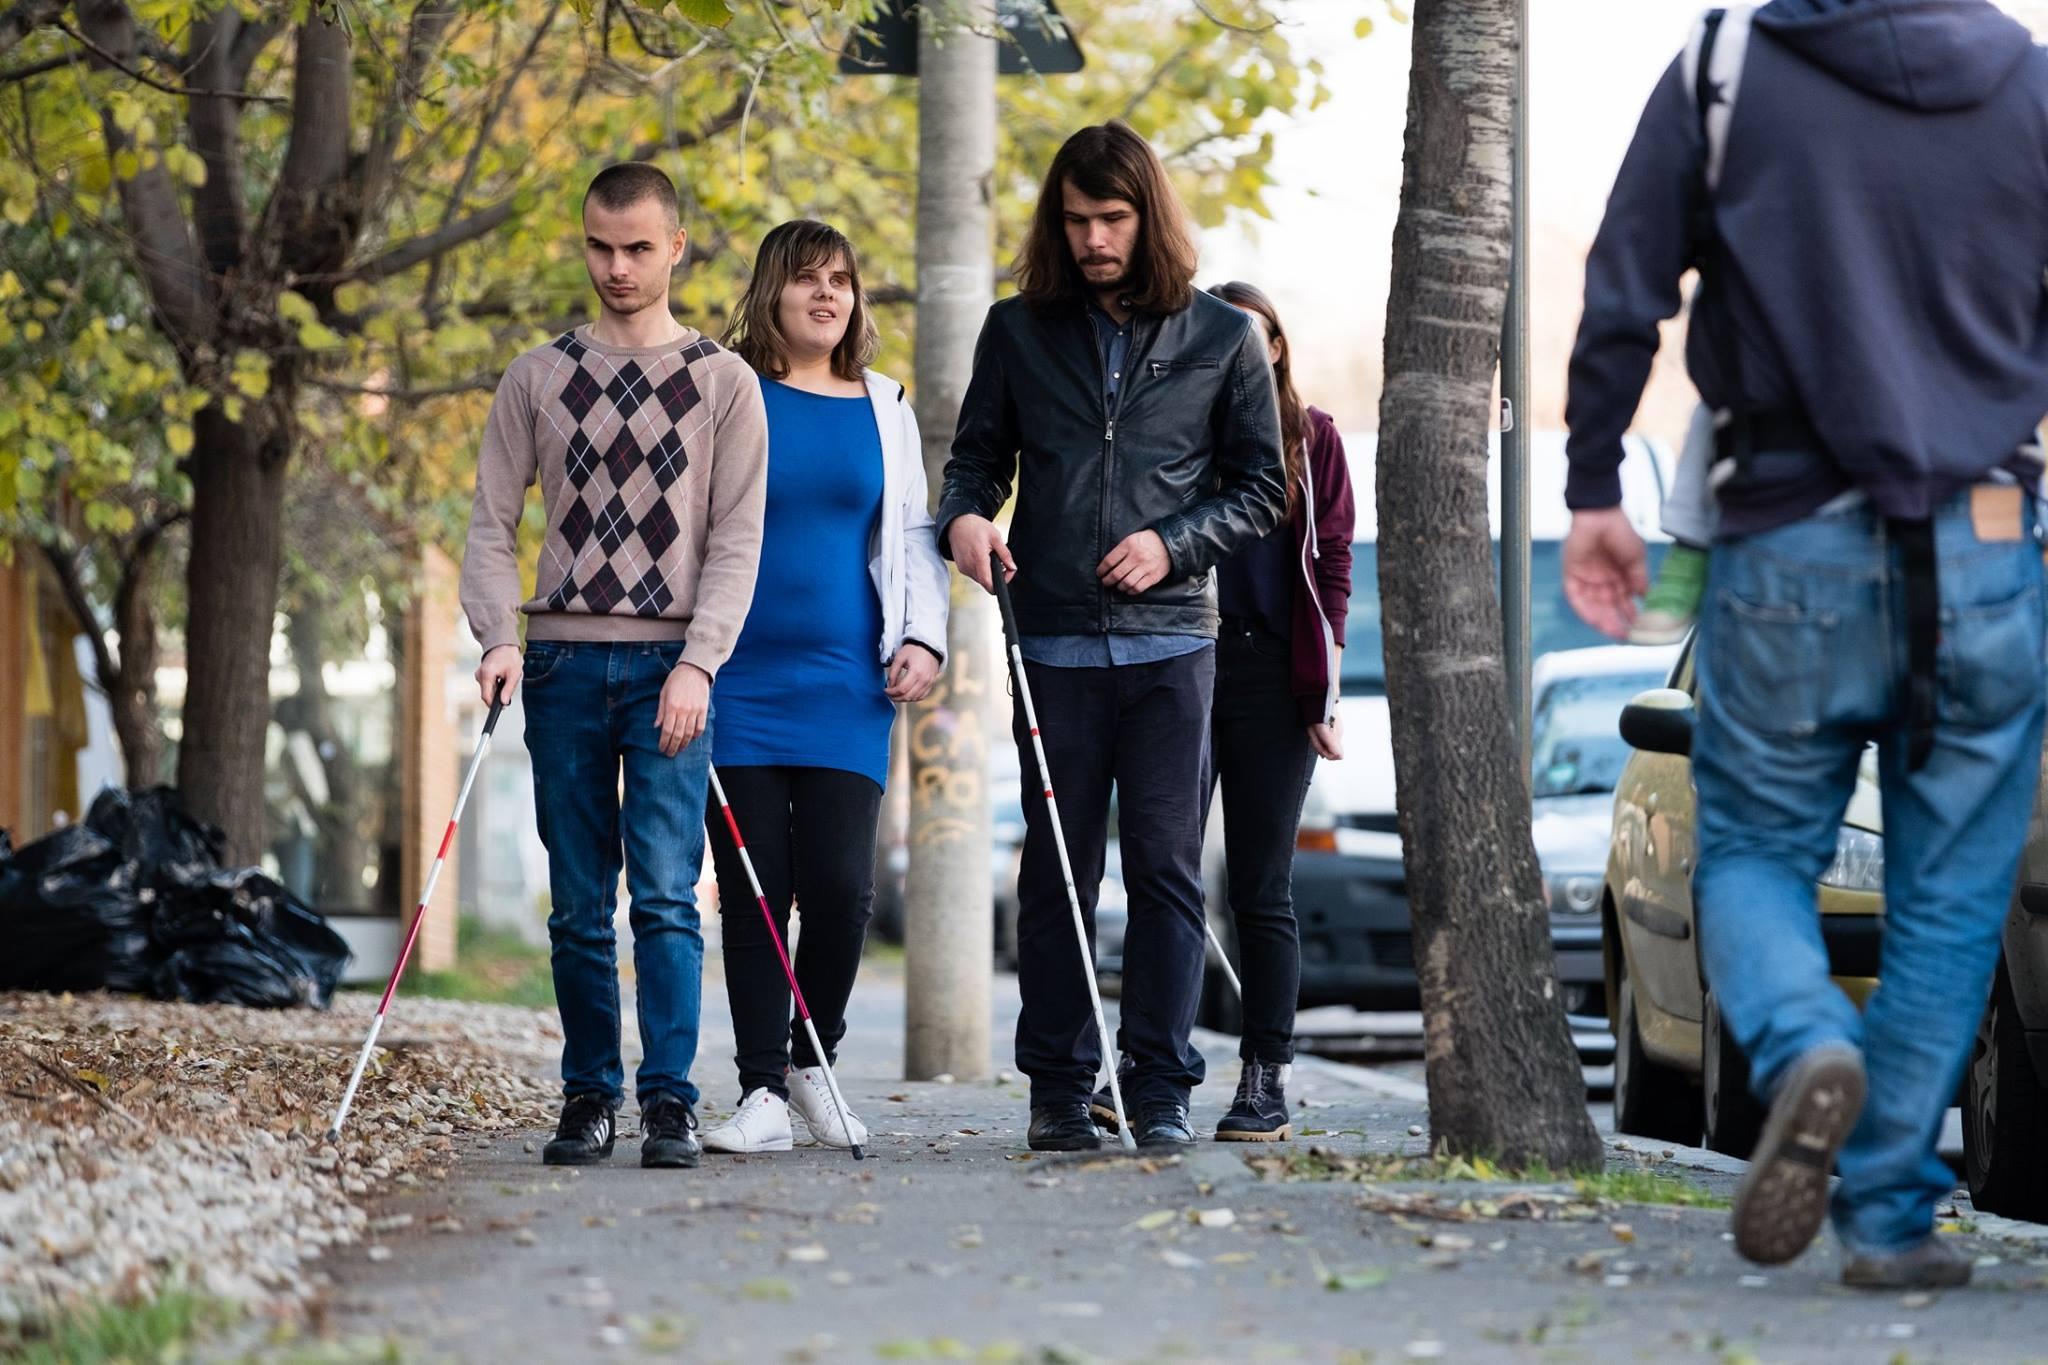 Descriere foto: grup de participanti exploreaza cu bastonul spatiul din jurul LFI.